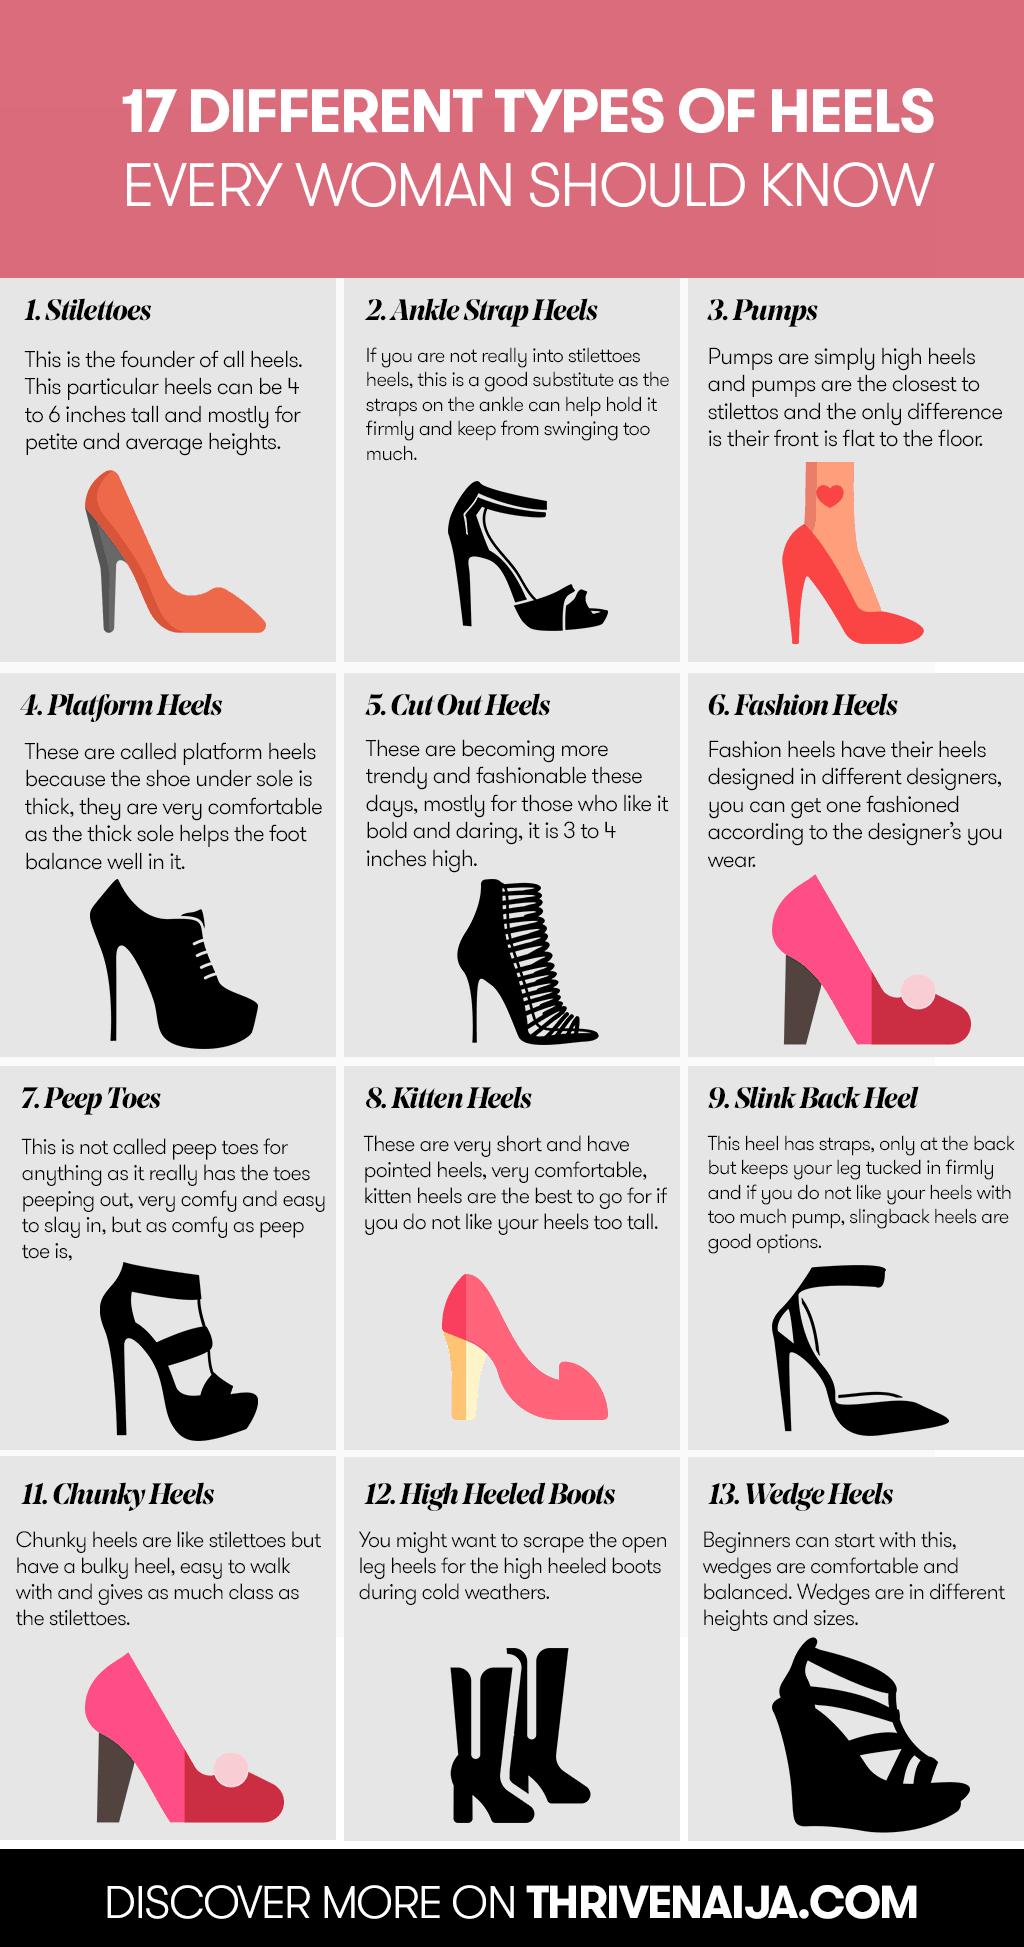 Types Of Heels: 17 Different Heel Types